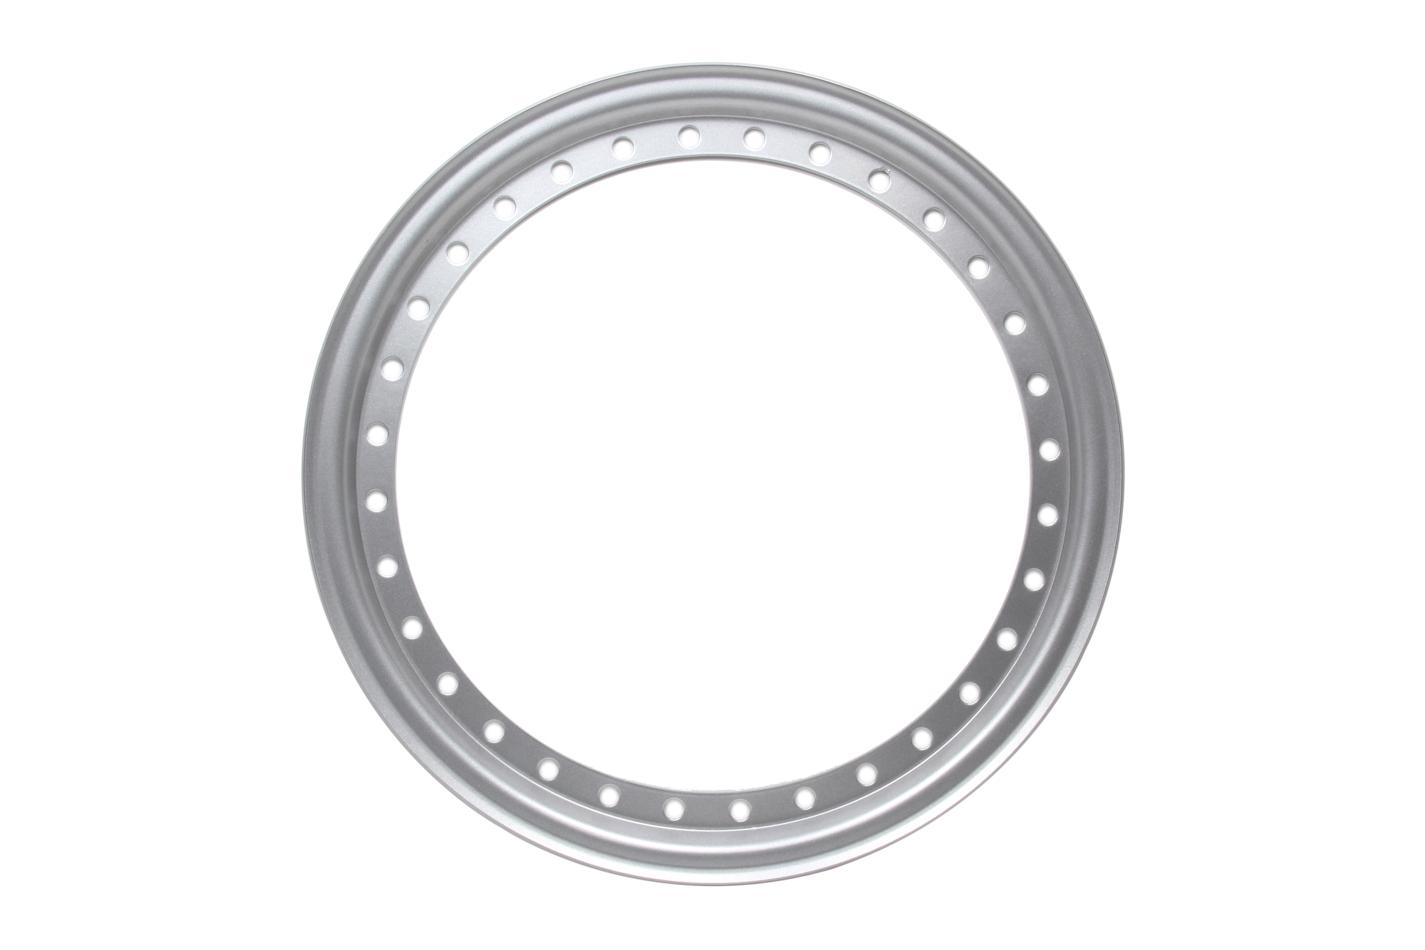 Aero Race Wheels Outer Beadlock Ring Silver